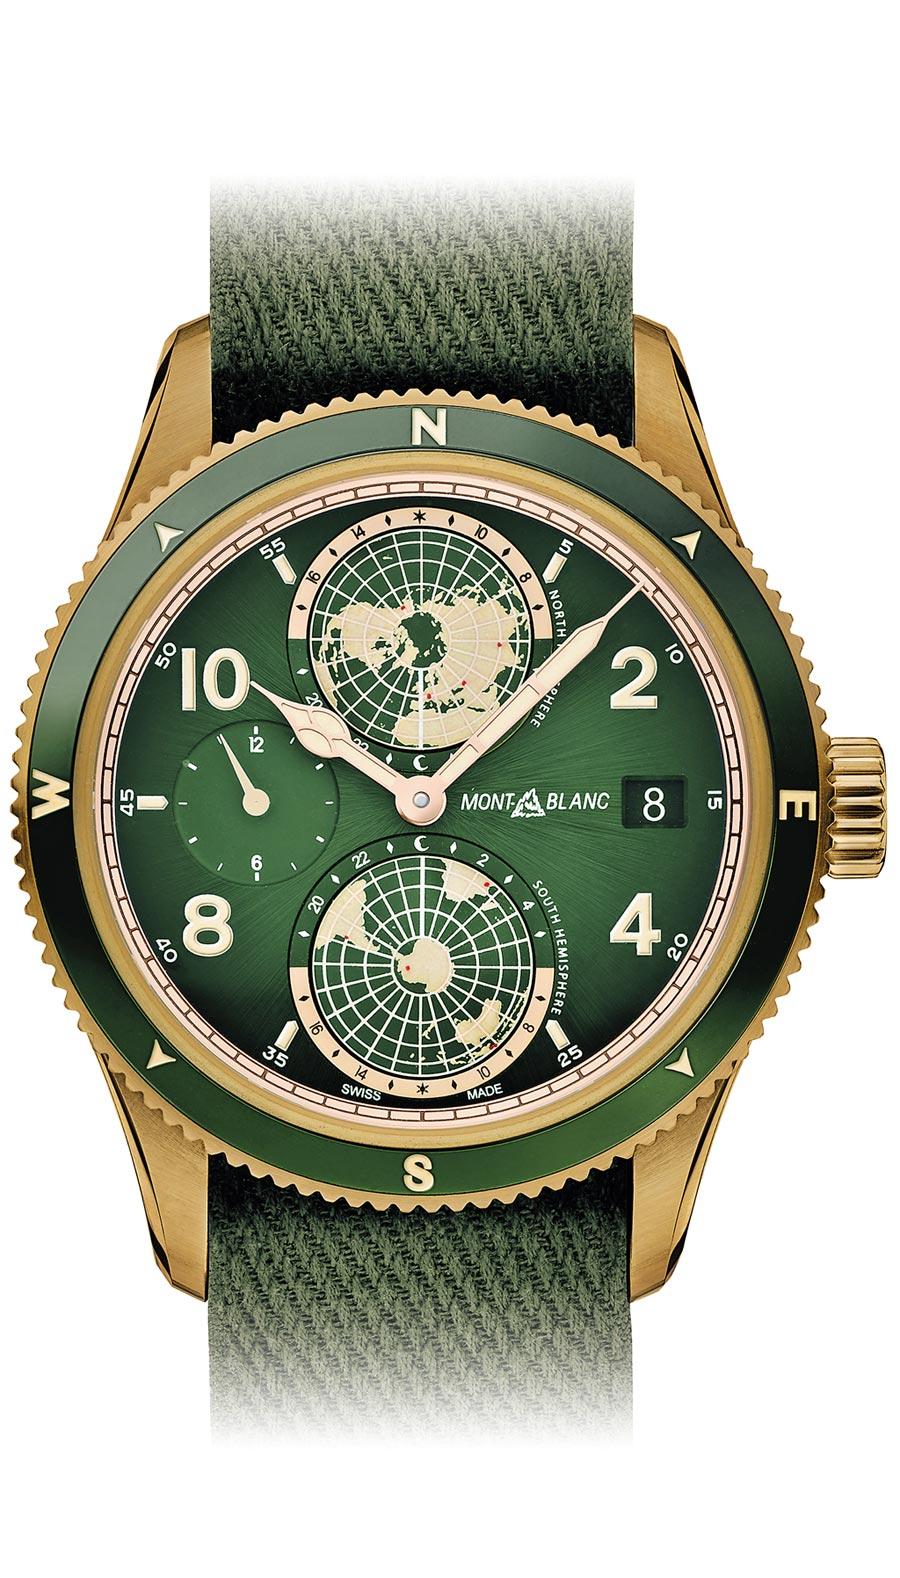 萬寶龍1858系列Geosphere腕表,限量款1858只,約20萬5800元。(Montblanc提供)